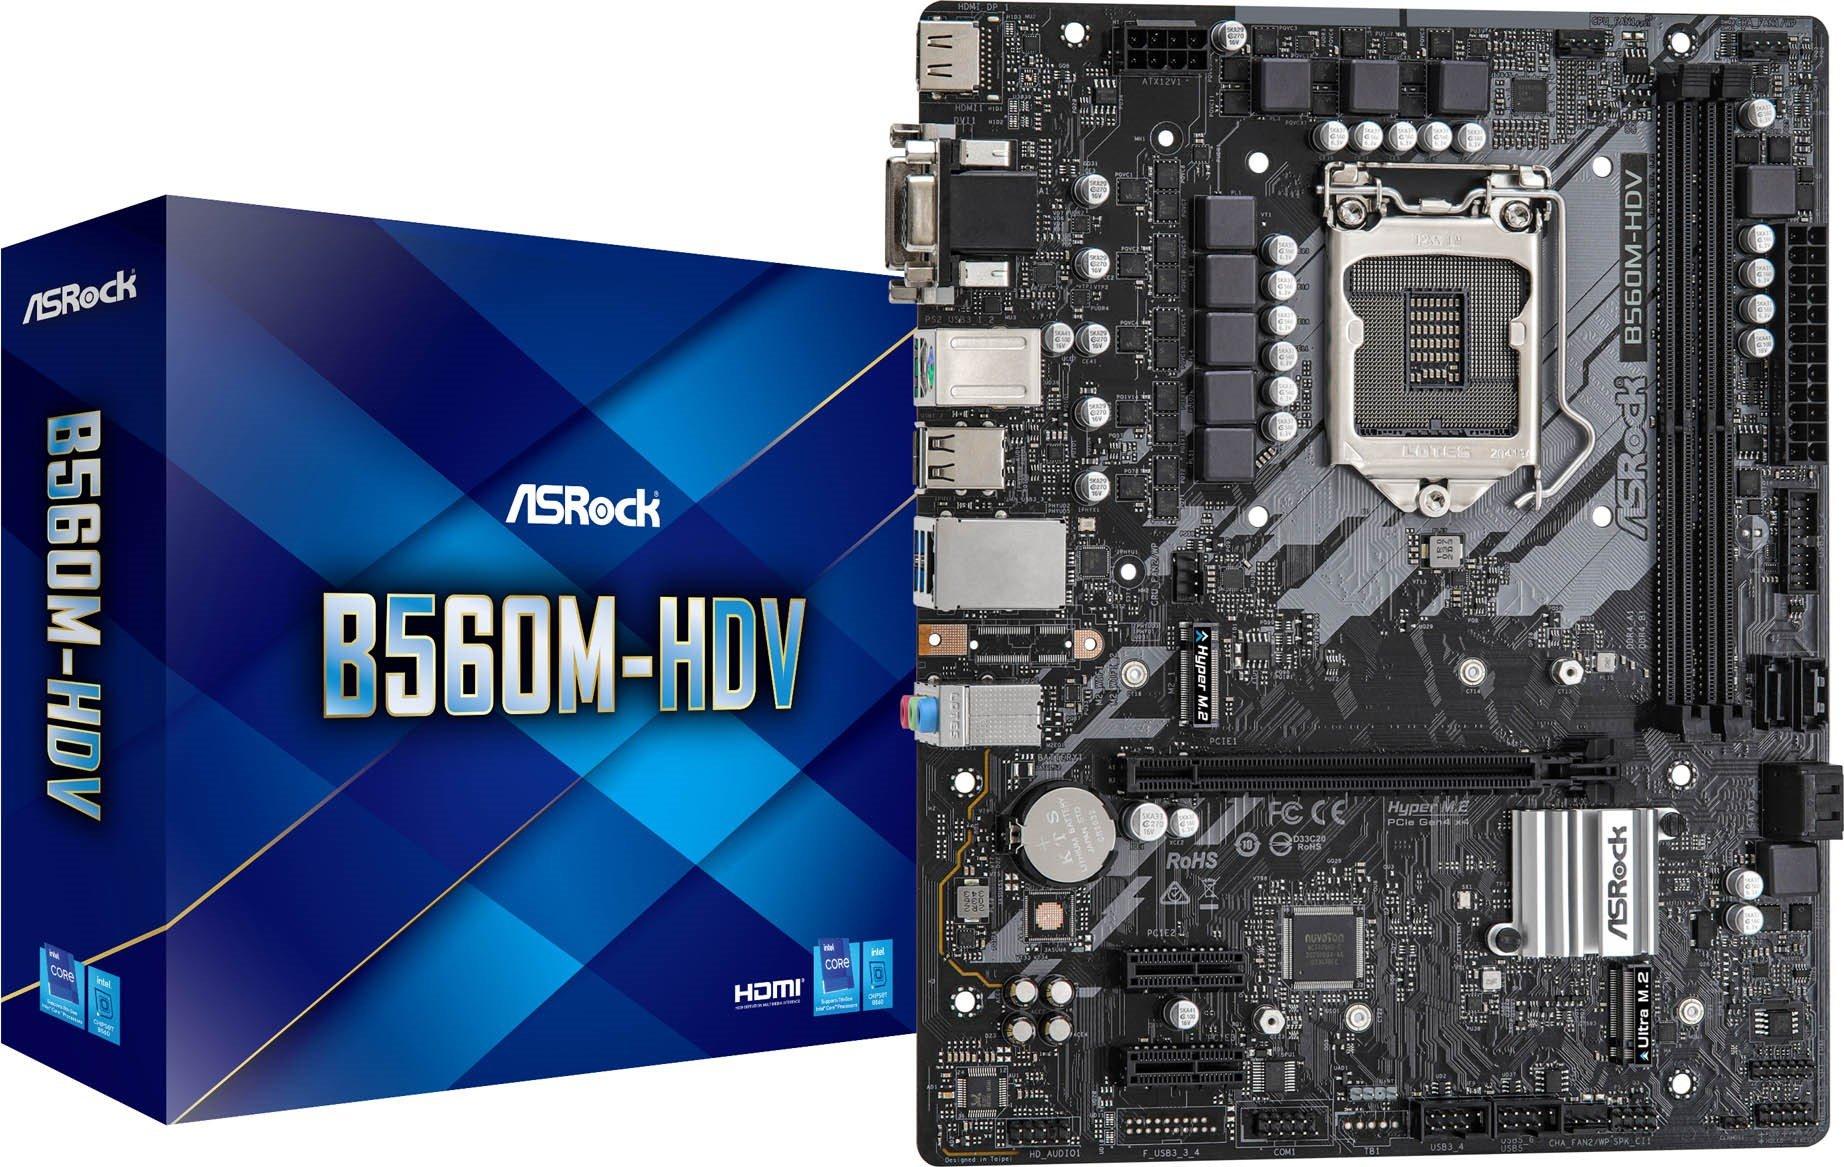 ASRock B560M-HDV Intel Socket 1200 Motherboard - £75.45 delivered @ CCLOnline